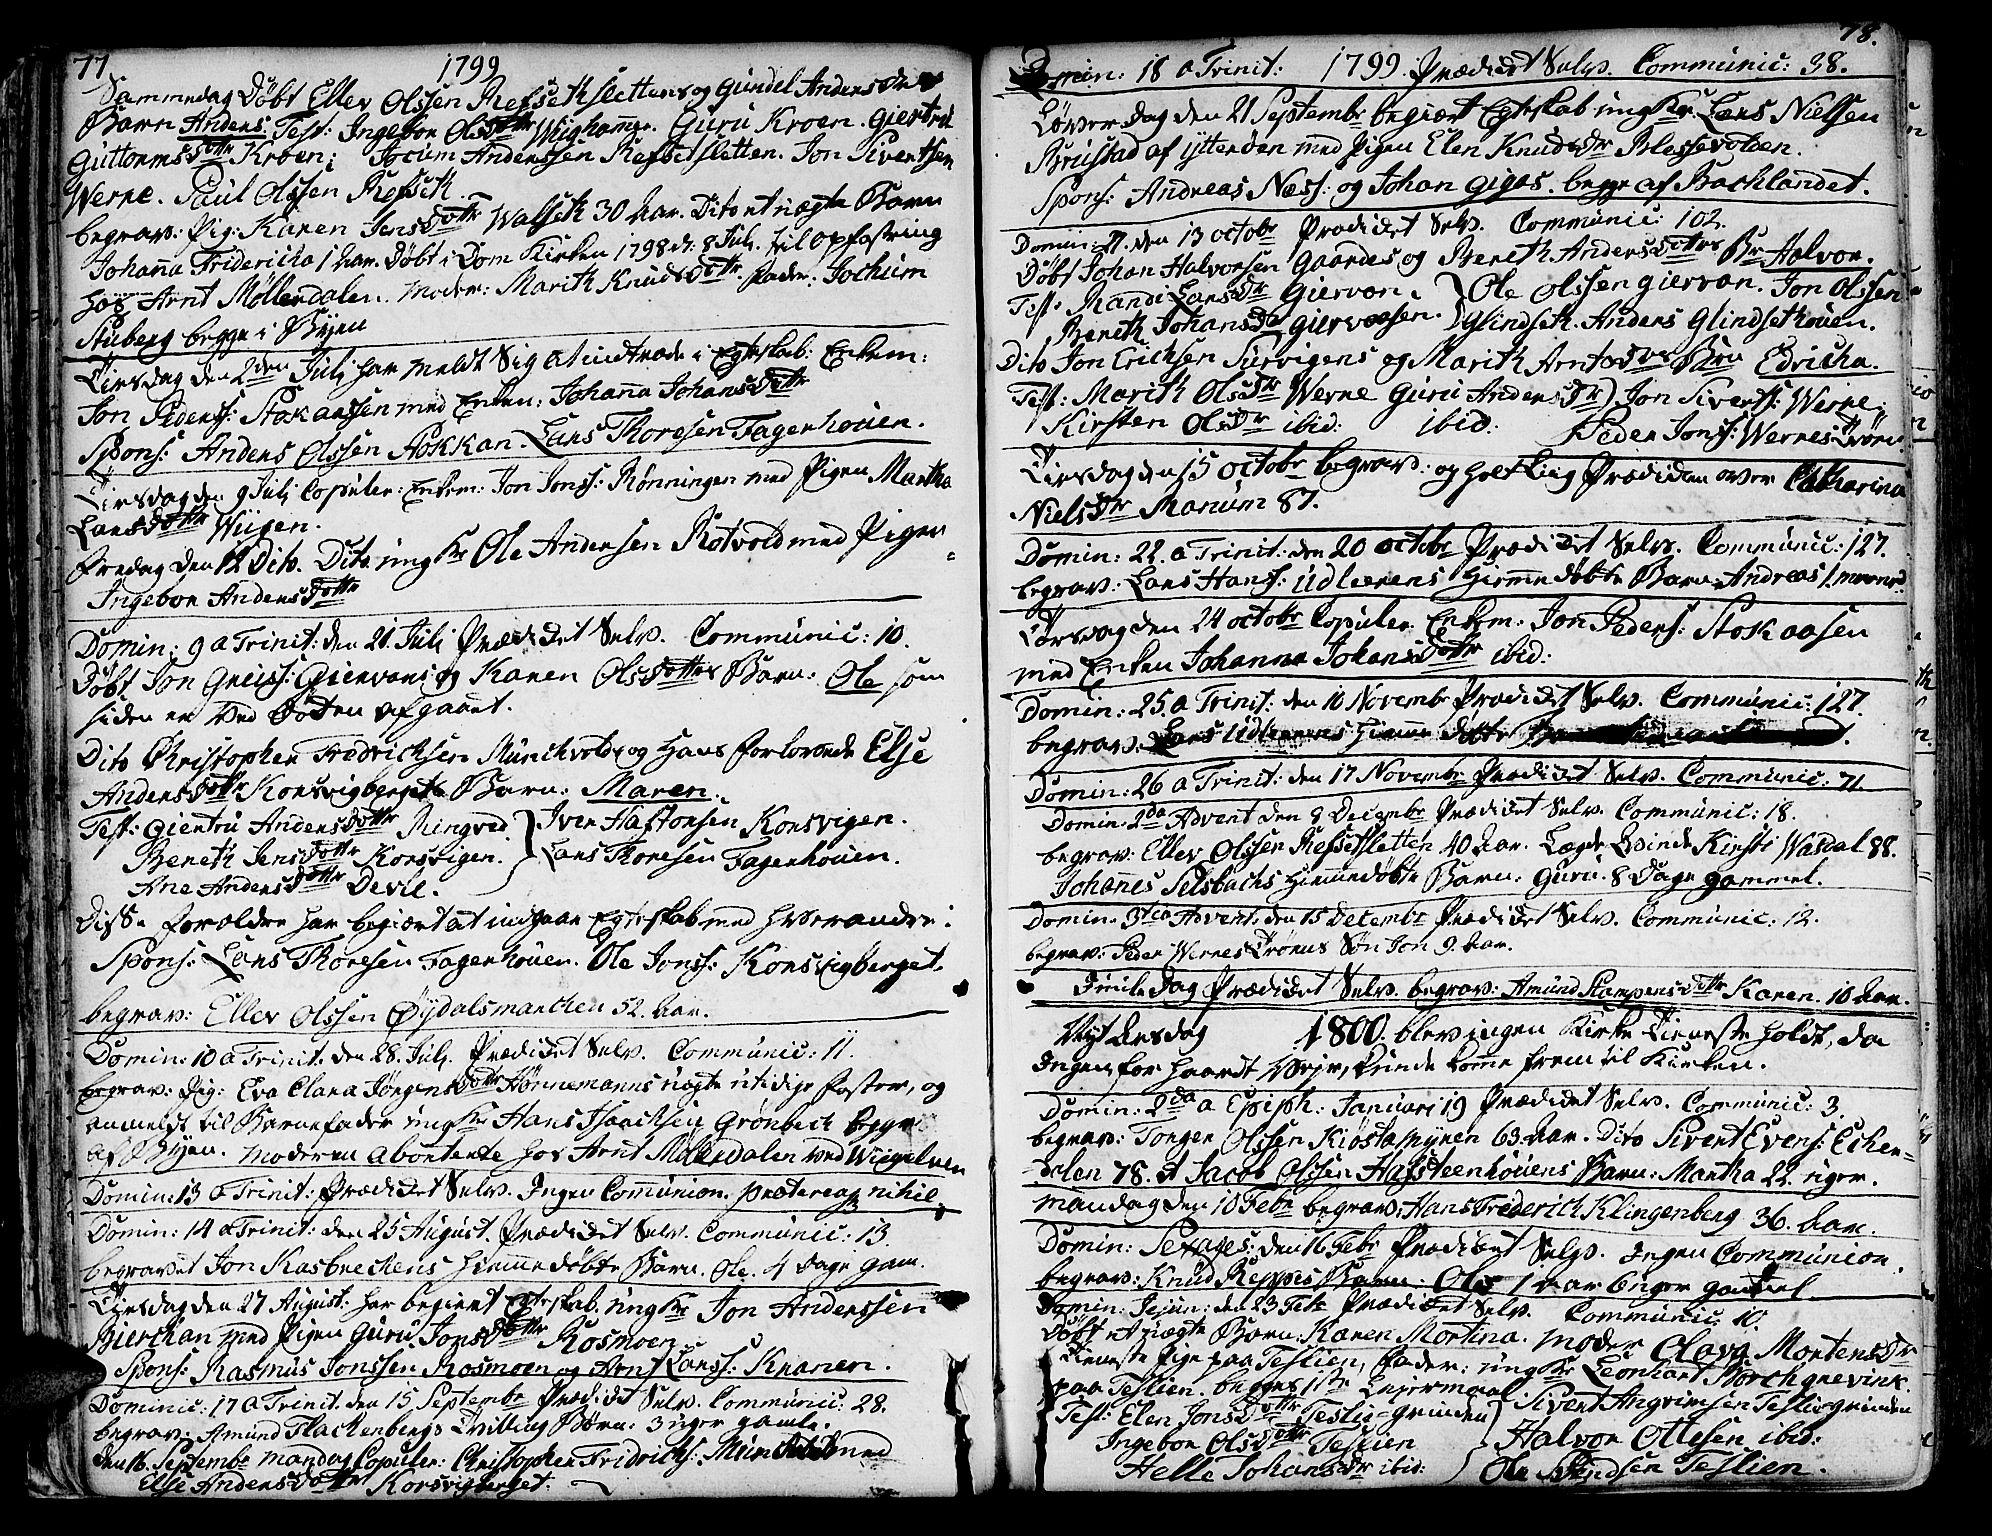 SAT, Ministerialprotokoller, klokkerbøker og fødselsregistre - Sør-Trøndelag, 606/L0280: Ministerialbok nr. 606A02 /1, 1781-1817, s. 77-78